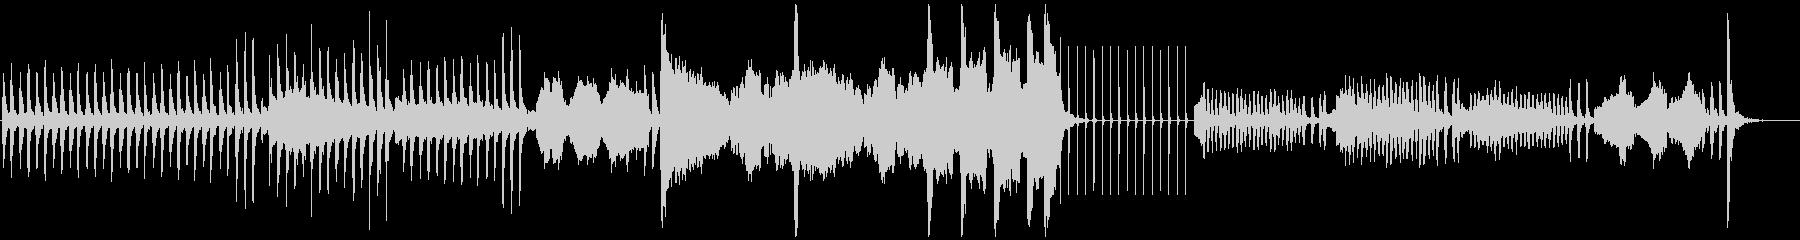 金平糖の精の踊り03(チェレスタなし版)の未再生の波形